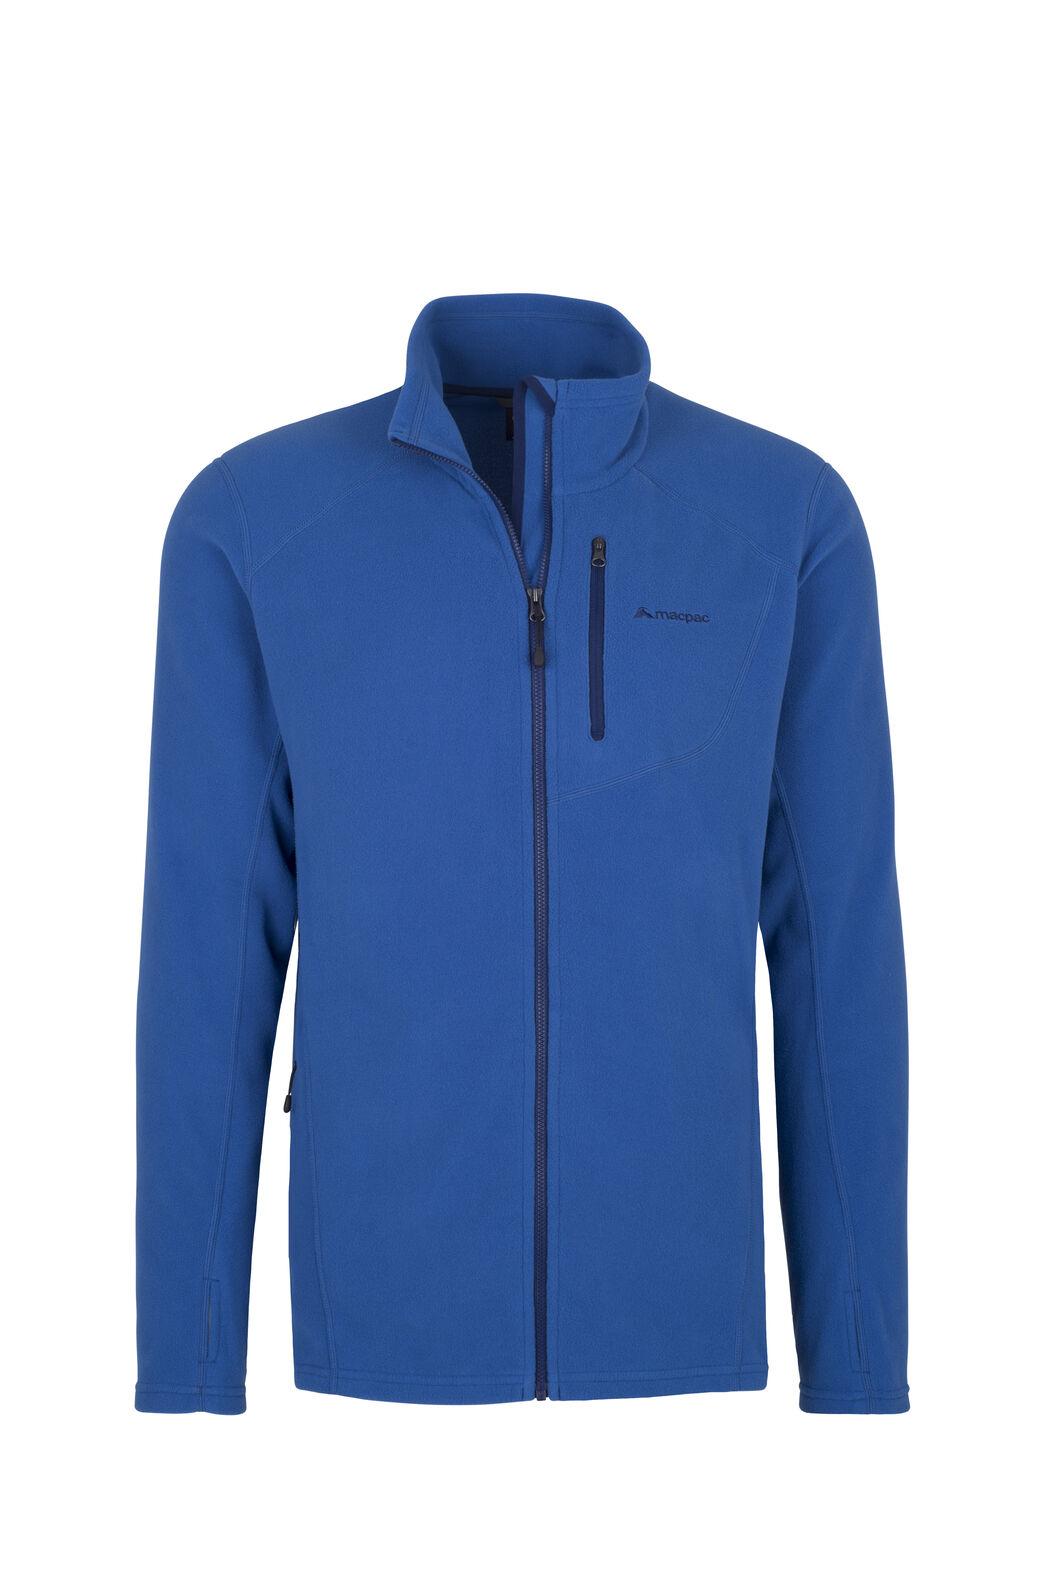 Macpac Kea Polartec® Micro Fleece® Jacket - Men's, True Blue, hi-res